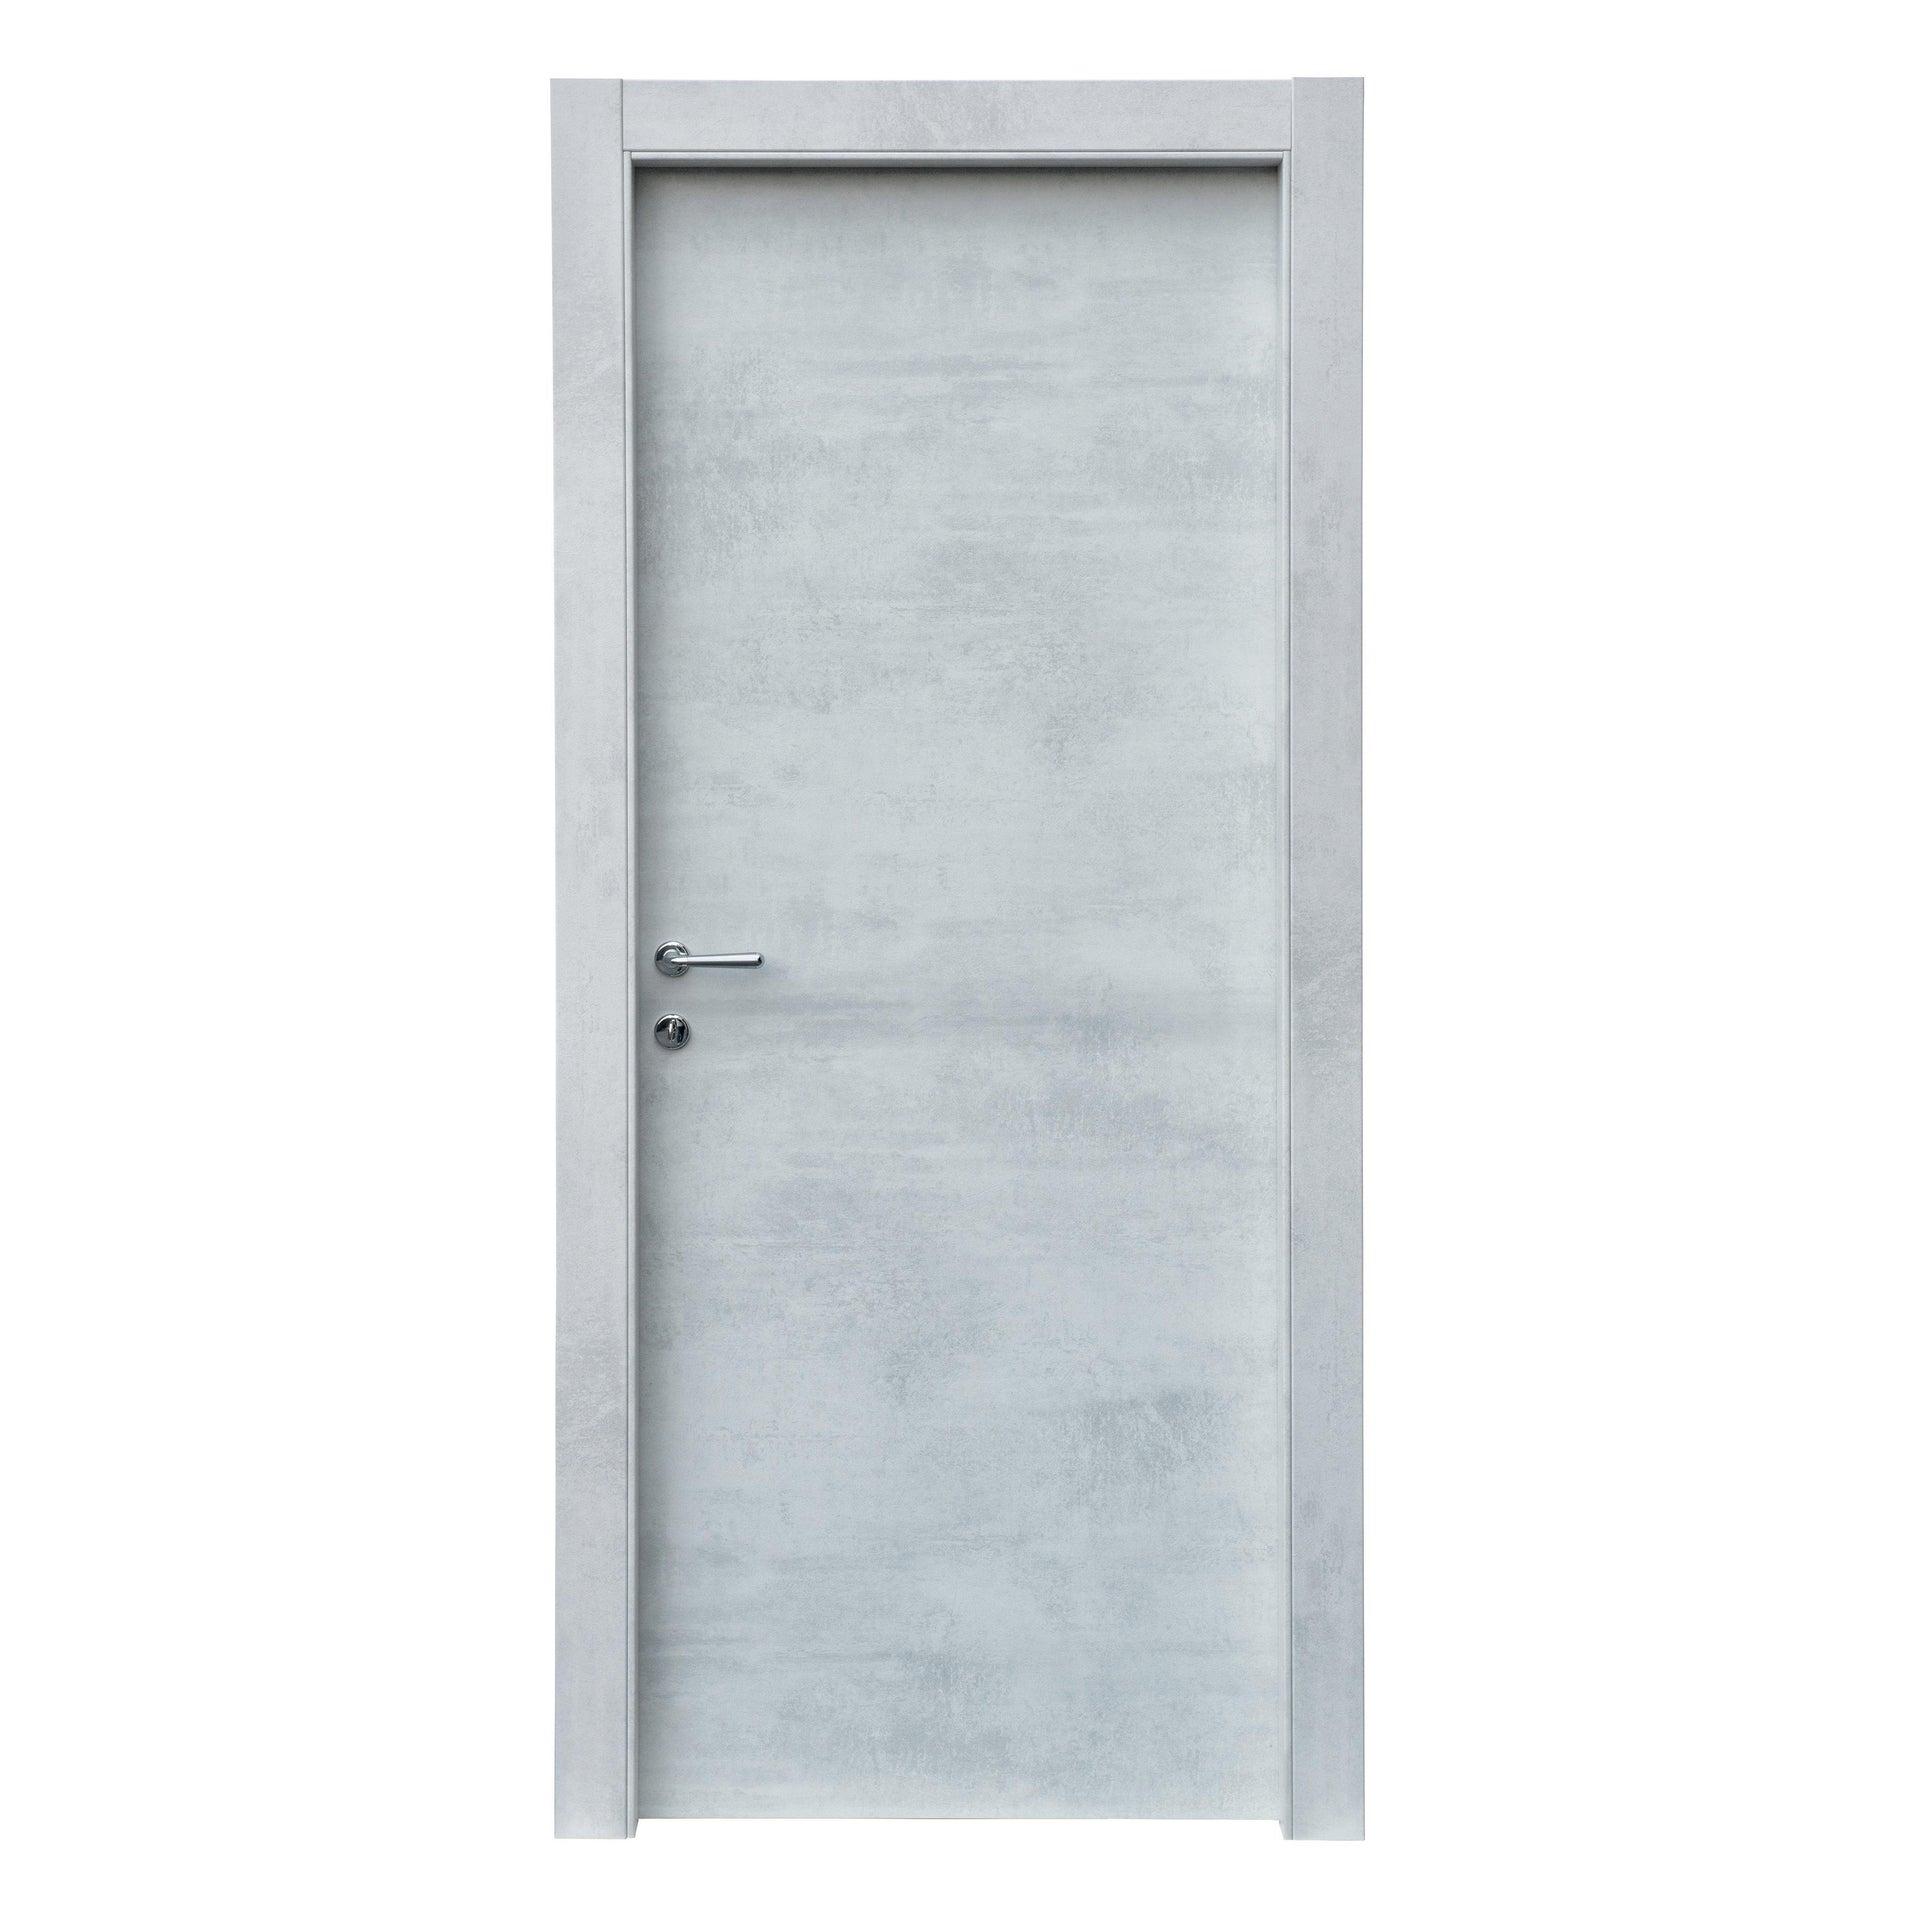 Porta a battente Cemento grigio L 80 x H 210 cm reversibile - 3